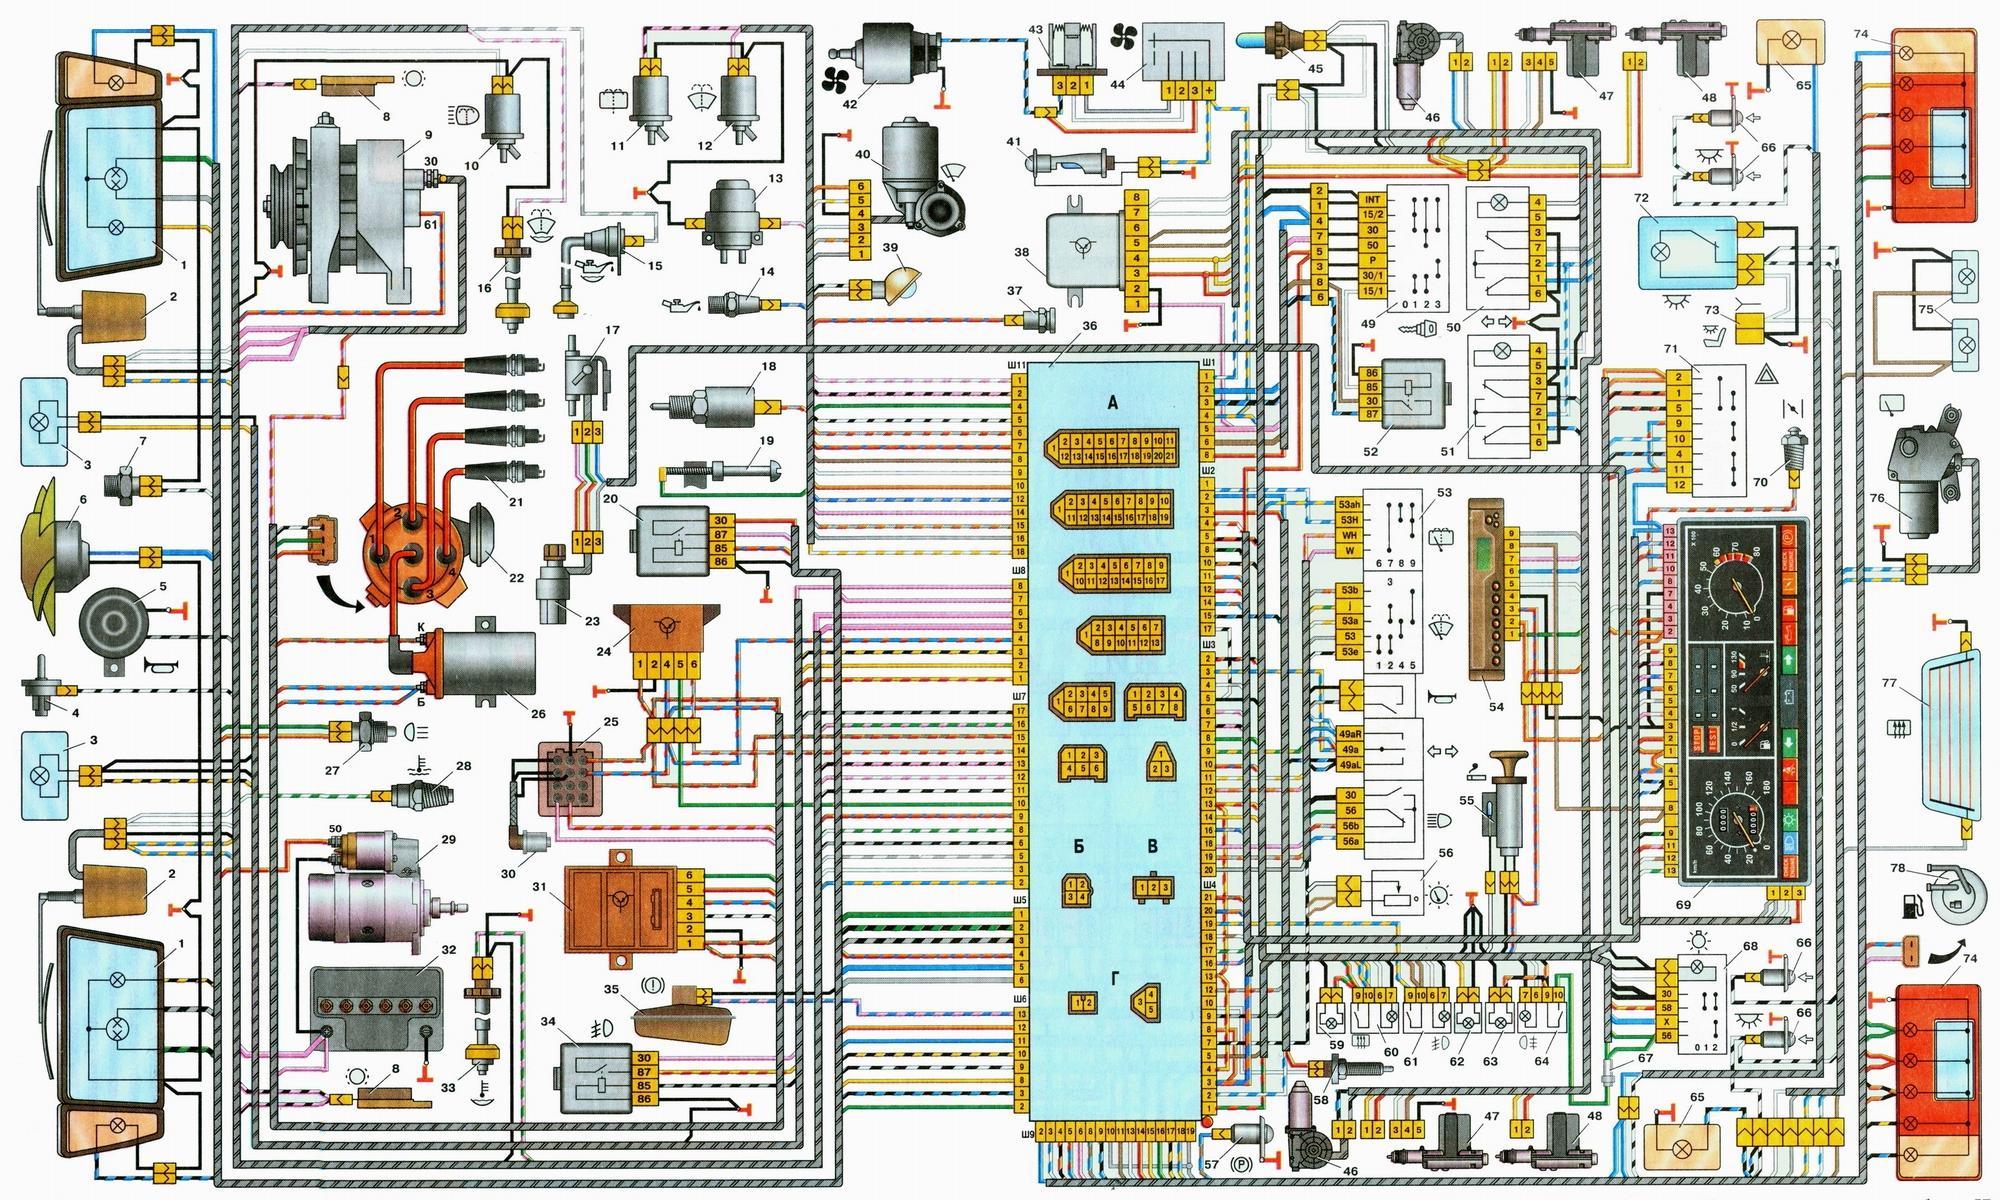 ГАЗ 31029: технические характеристики, комплектация, отзывы 80